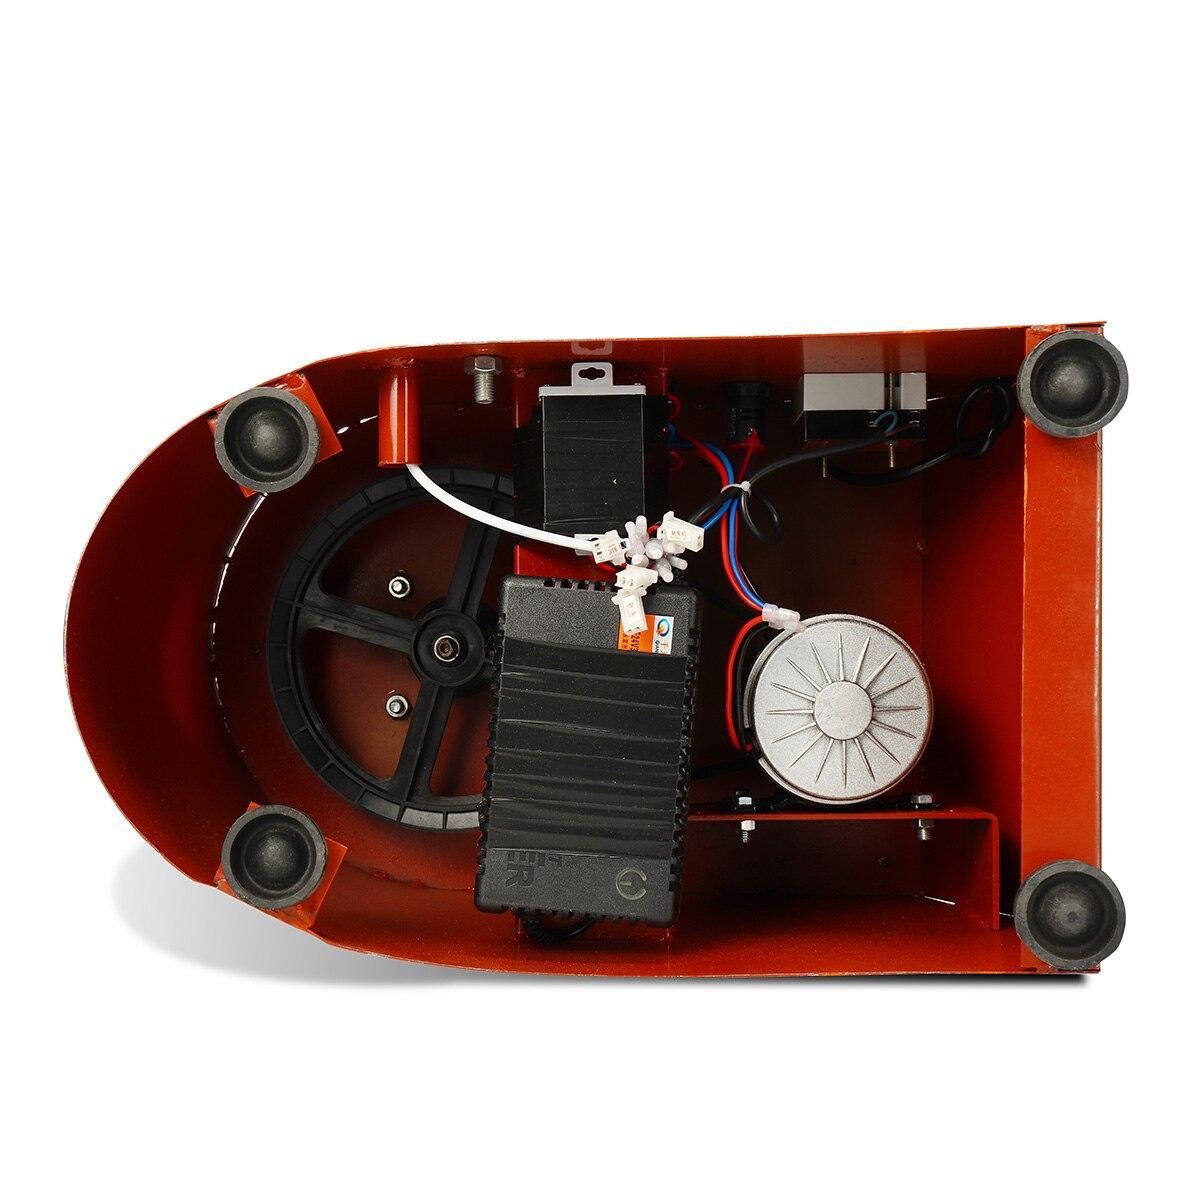 25 cm AC 110 V/220 V poterie roue Machine céramique travail céramique argile Art avec pédale Mobile 42x52x35 cm métal + alliage d'aluminium - 6